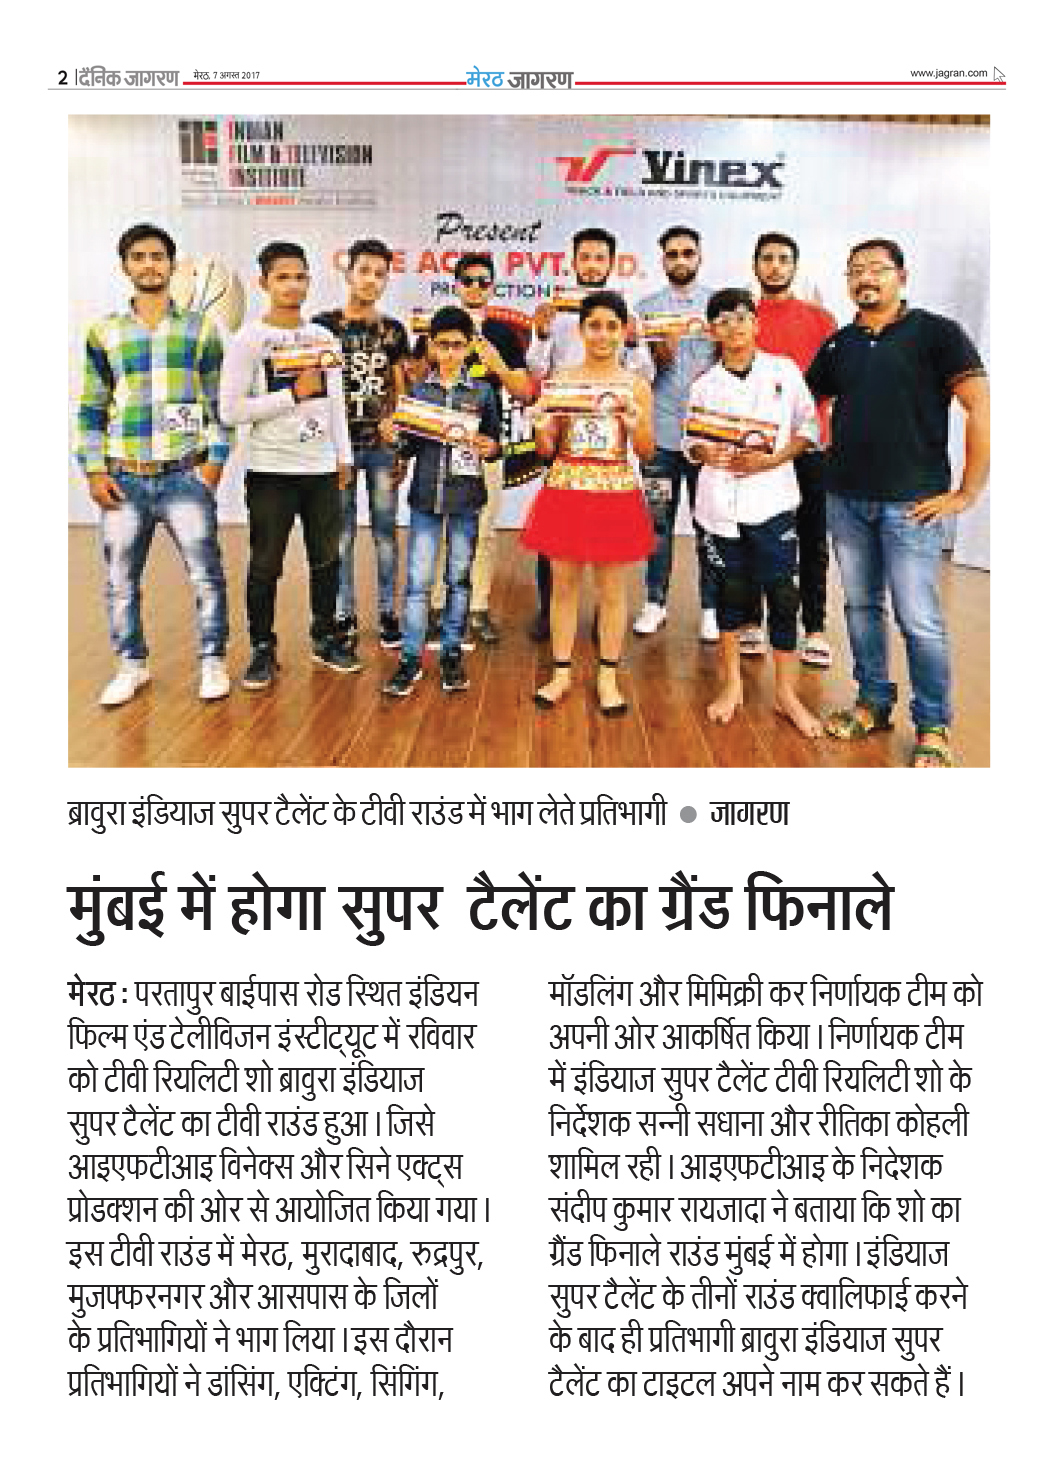 Bravura India's Super Talent Jagran